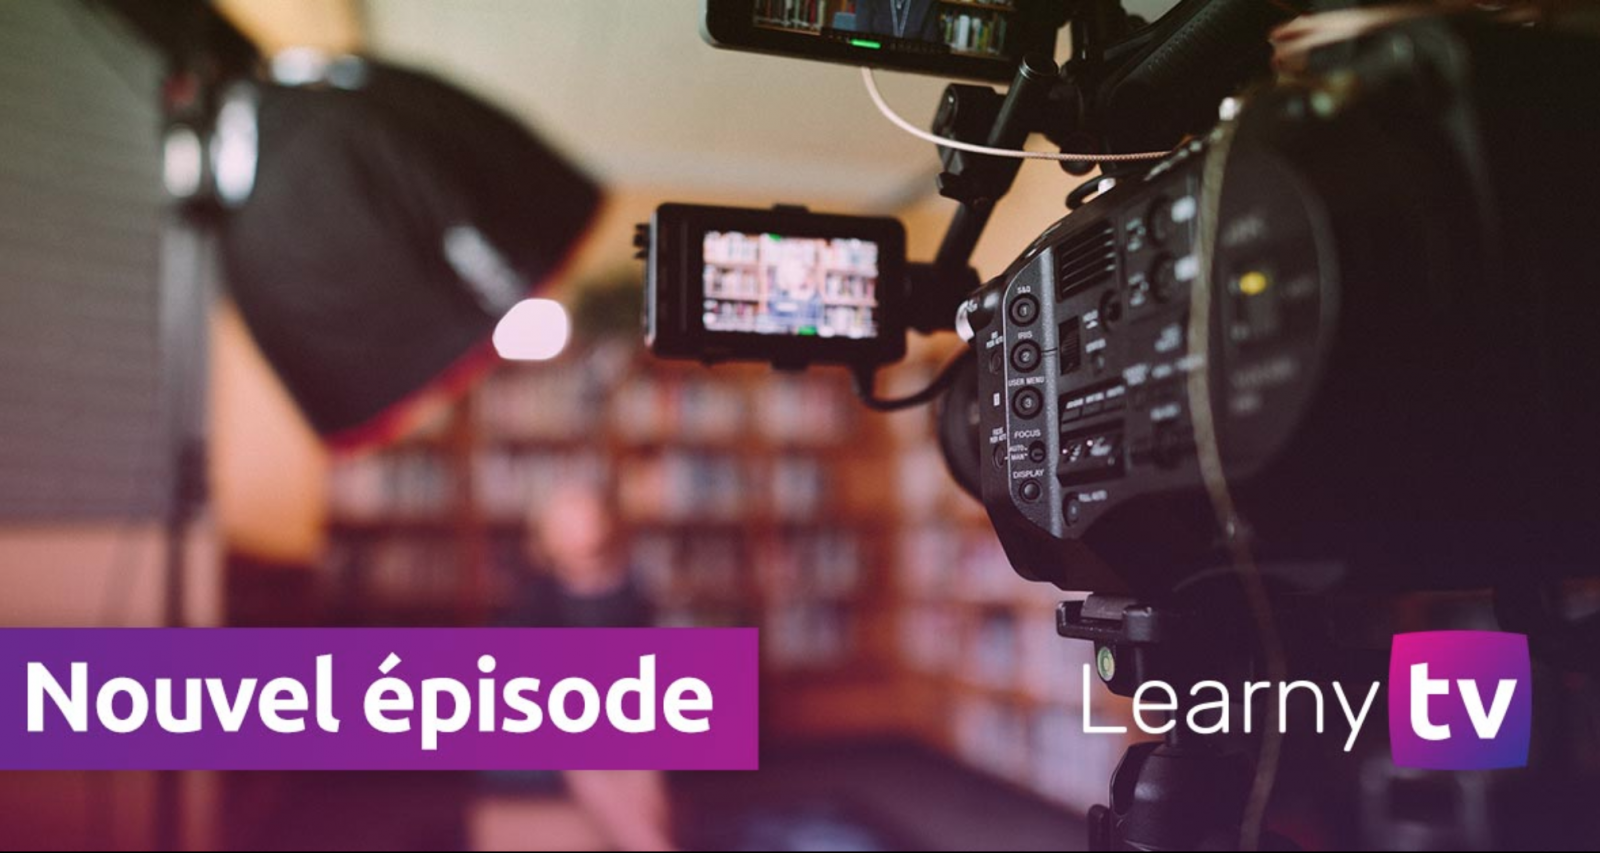 [Learny TV] 5 questions à vous poser avant de lancer vos formations !